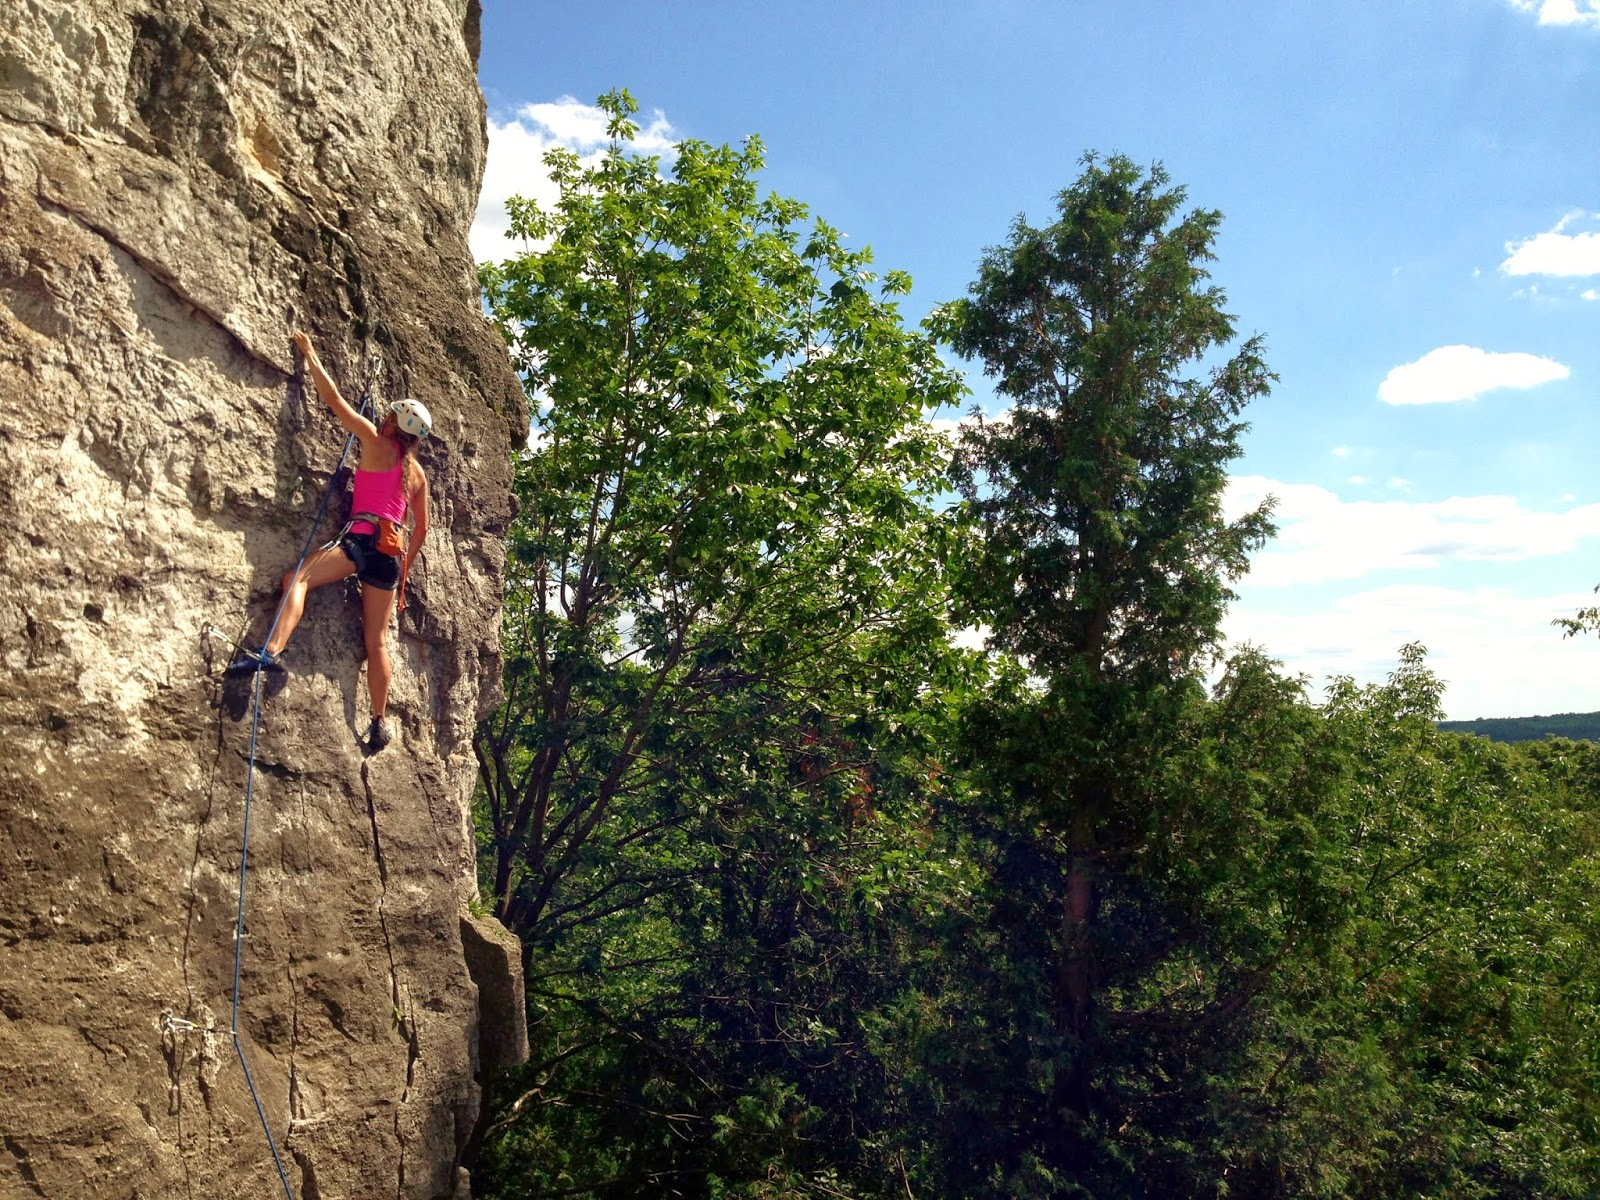 Outdoor rock climbing